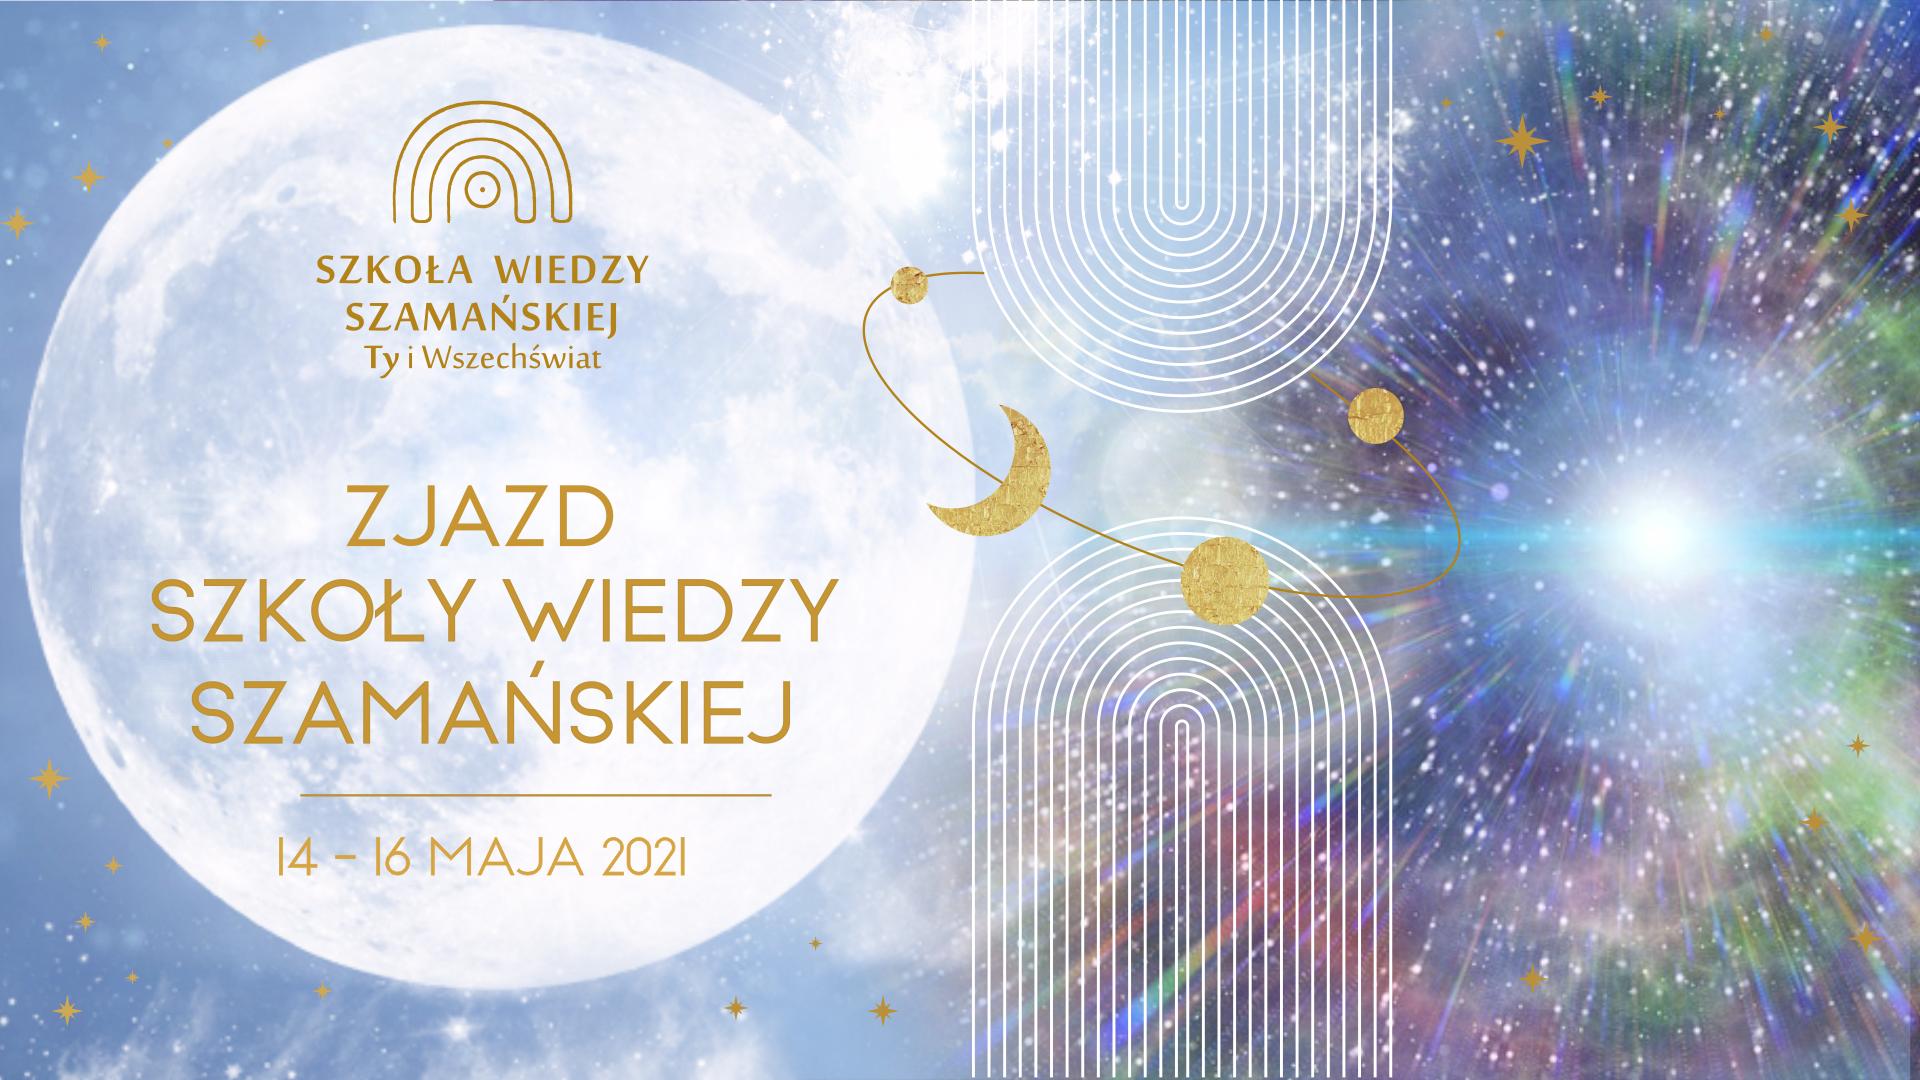 Szkoła Wiedzy Szamańskiej / maj 2021